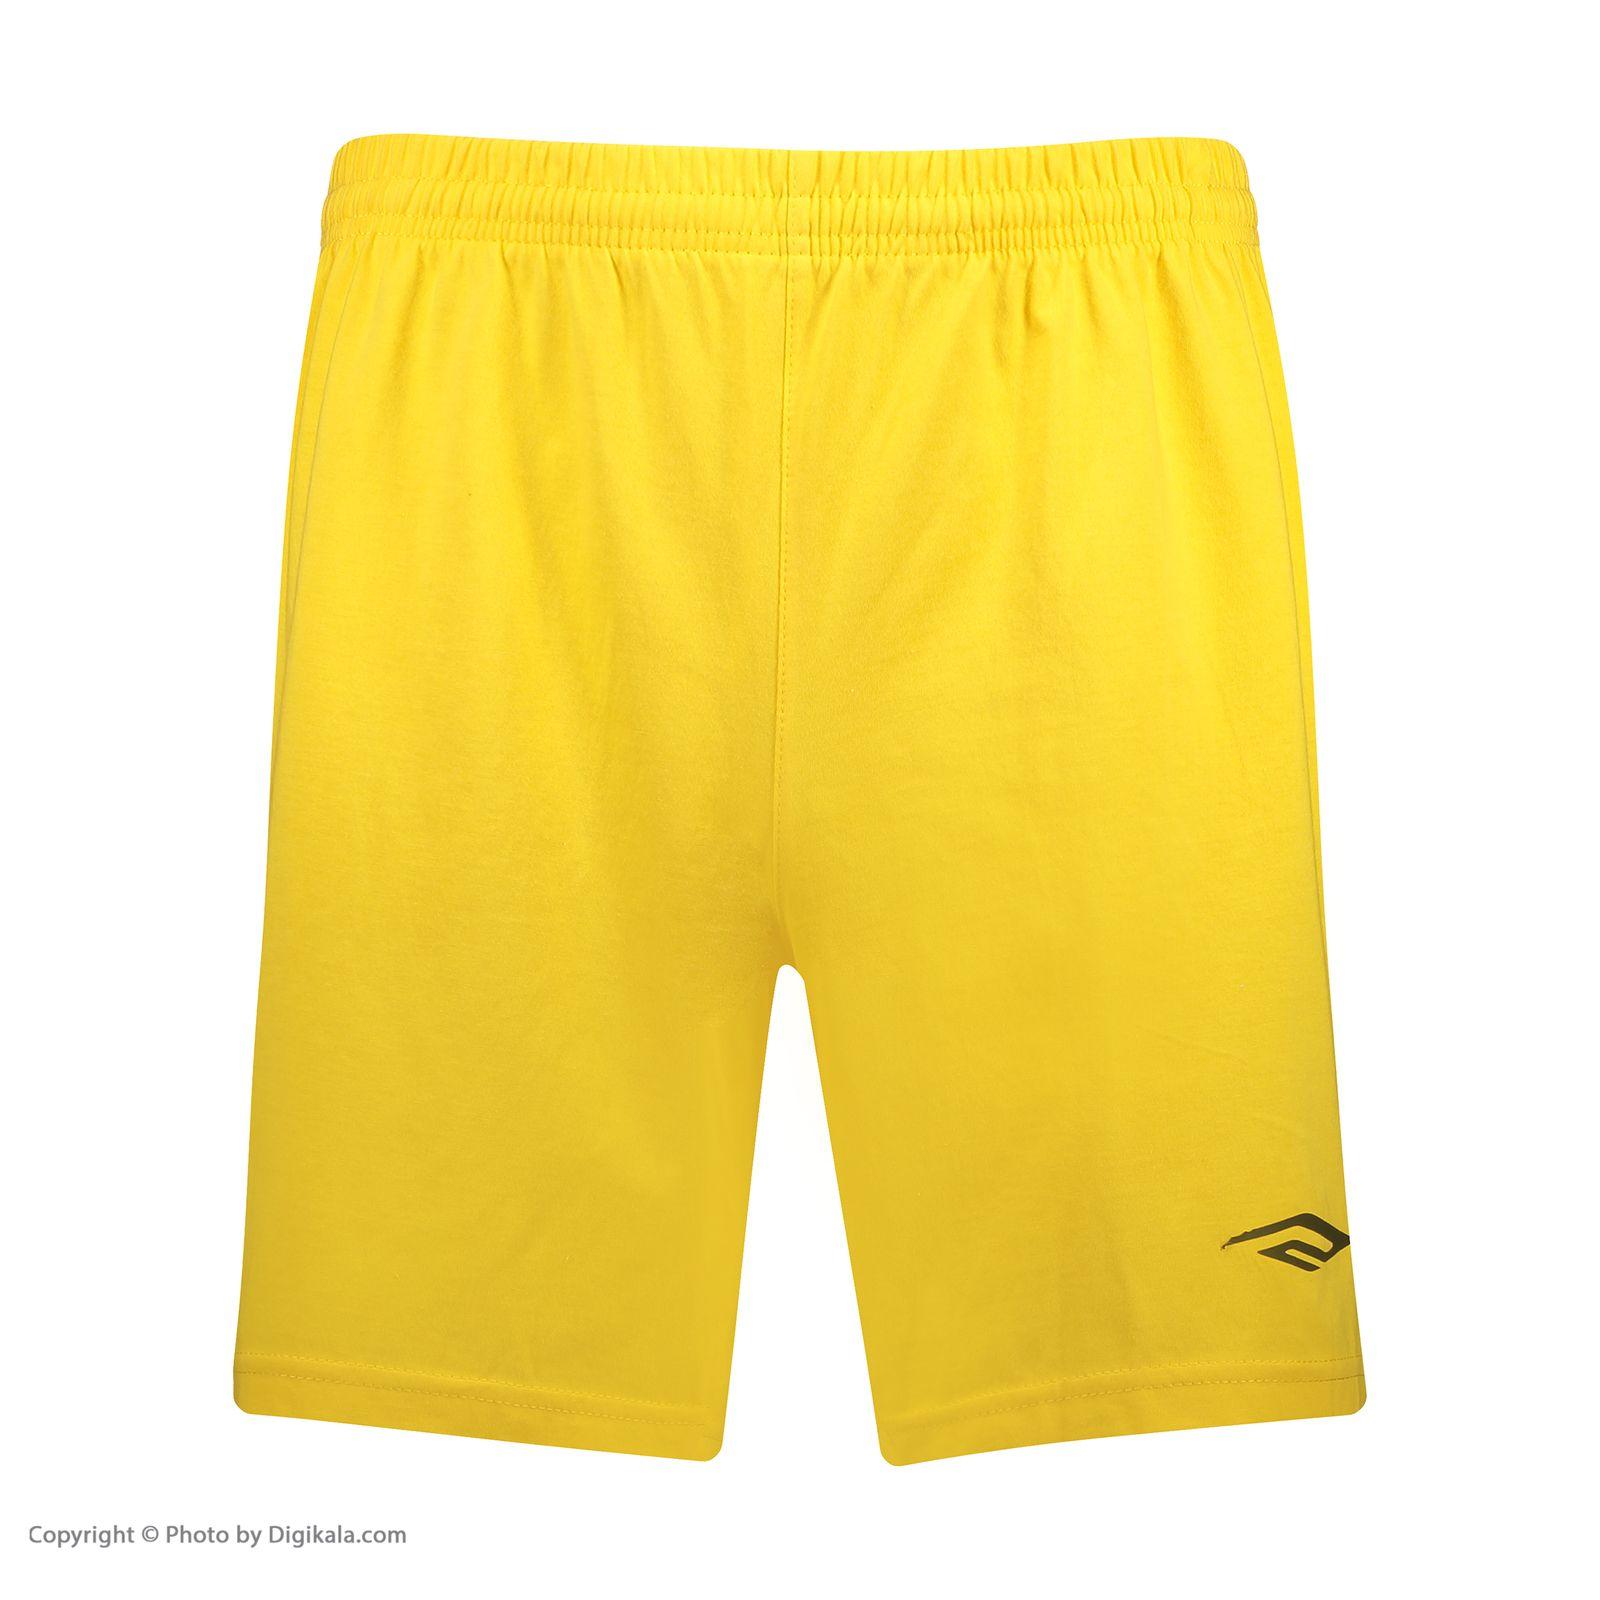 ست پیراهن و شورت ورزشی مردانه استارت مدل v1001-1 -  - 3